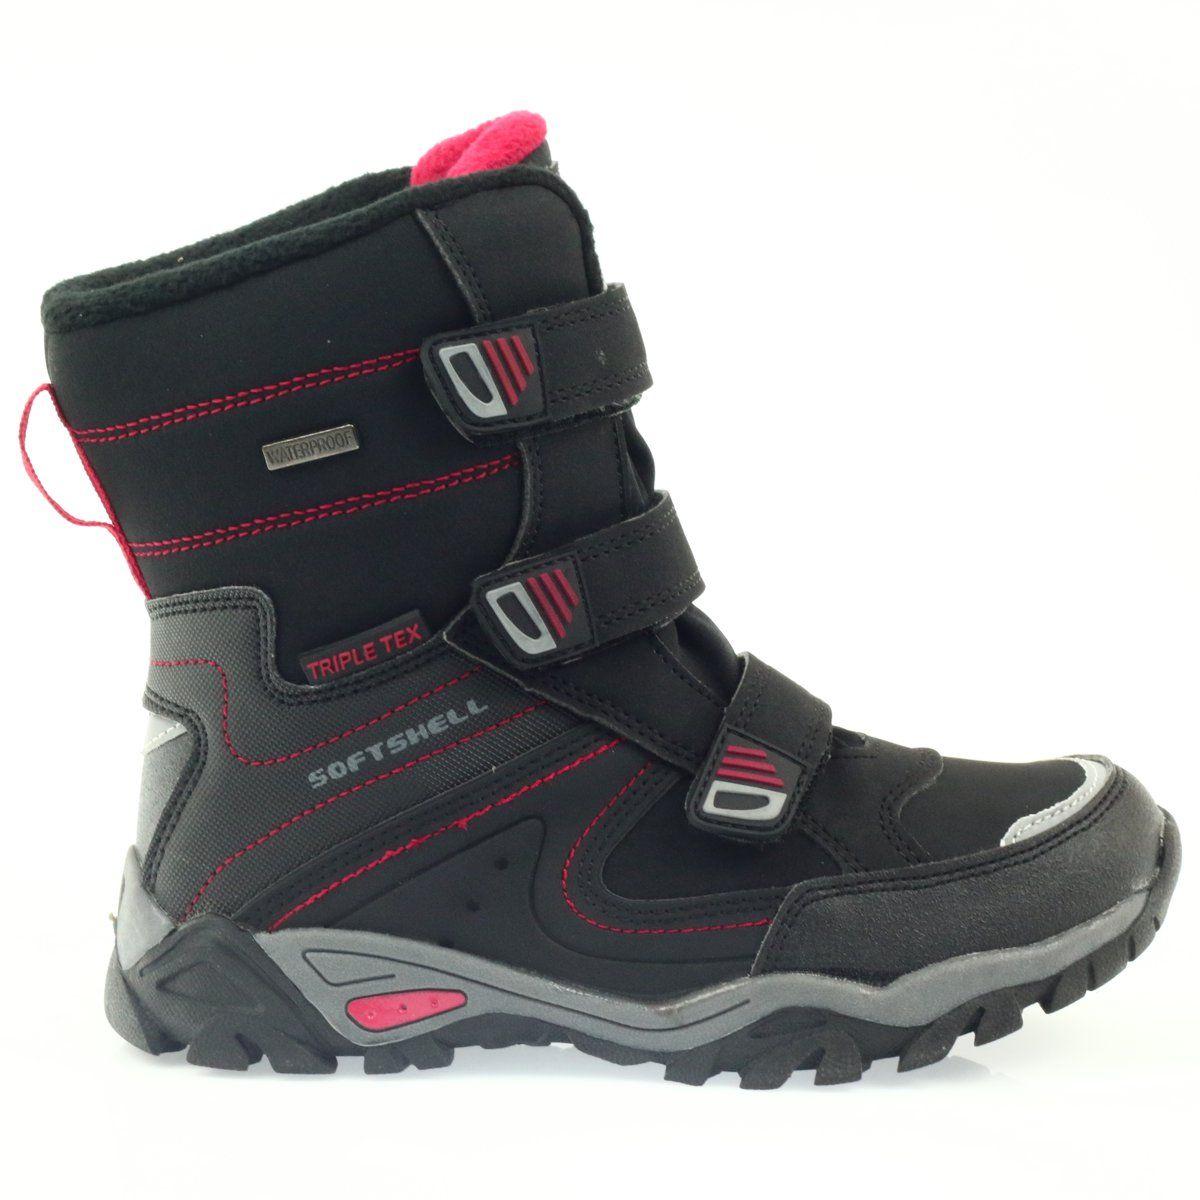 American Club American Kozaki Buty Zimowe Z Membrana 1809 Czarne Czerwone Boots Winter Boots Childrens Boots